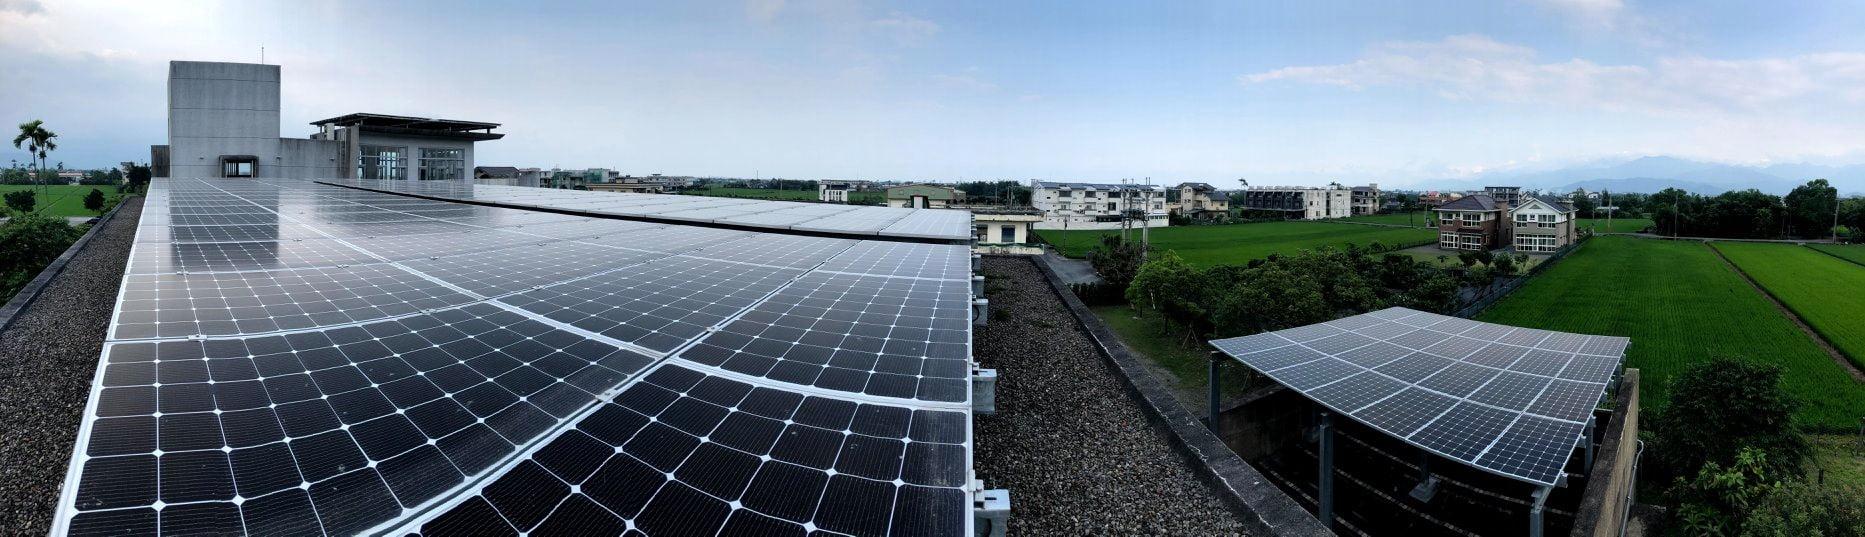 太陽能發電-蘭陽平原